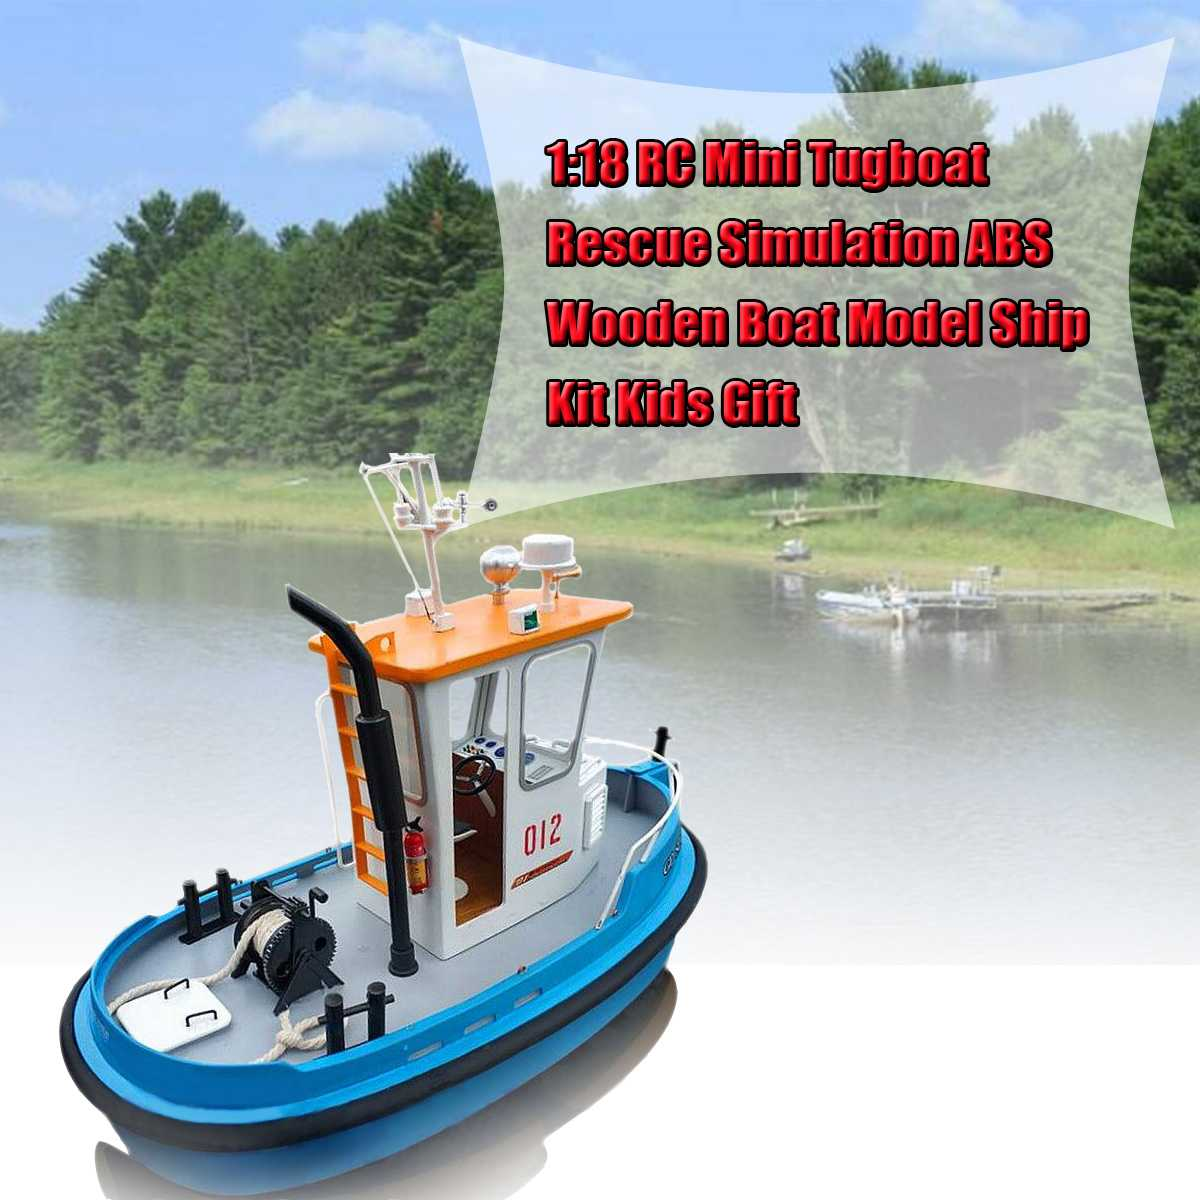 Nouveau 1:18 pin Mini 270*130*190 m RC remorqueur sauvetage ABS en bois bateau modèle bateau outils de bricolage Kit bricolage RC bateau